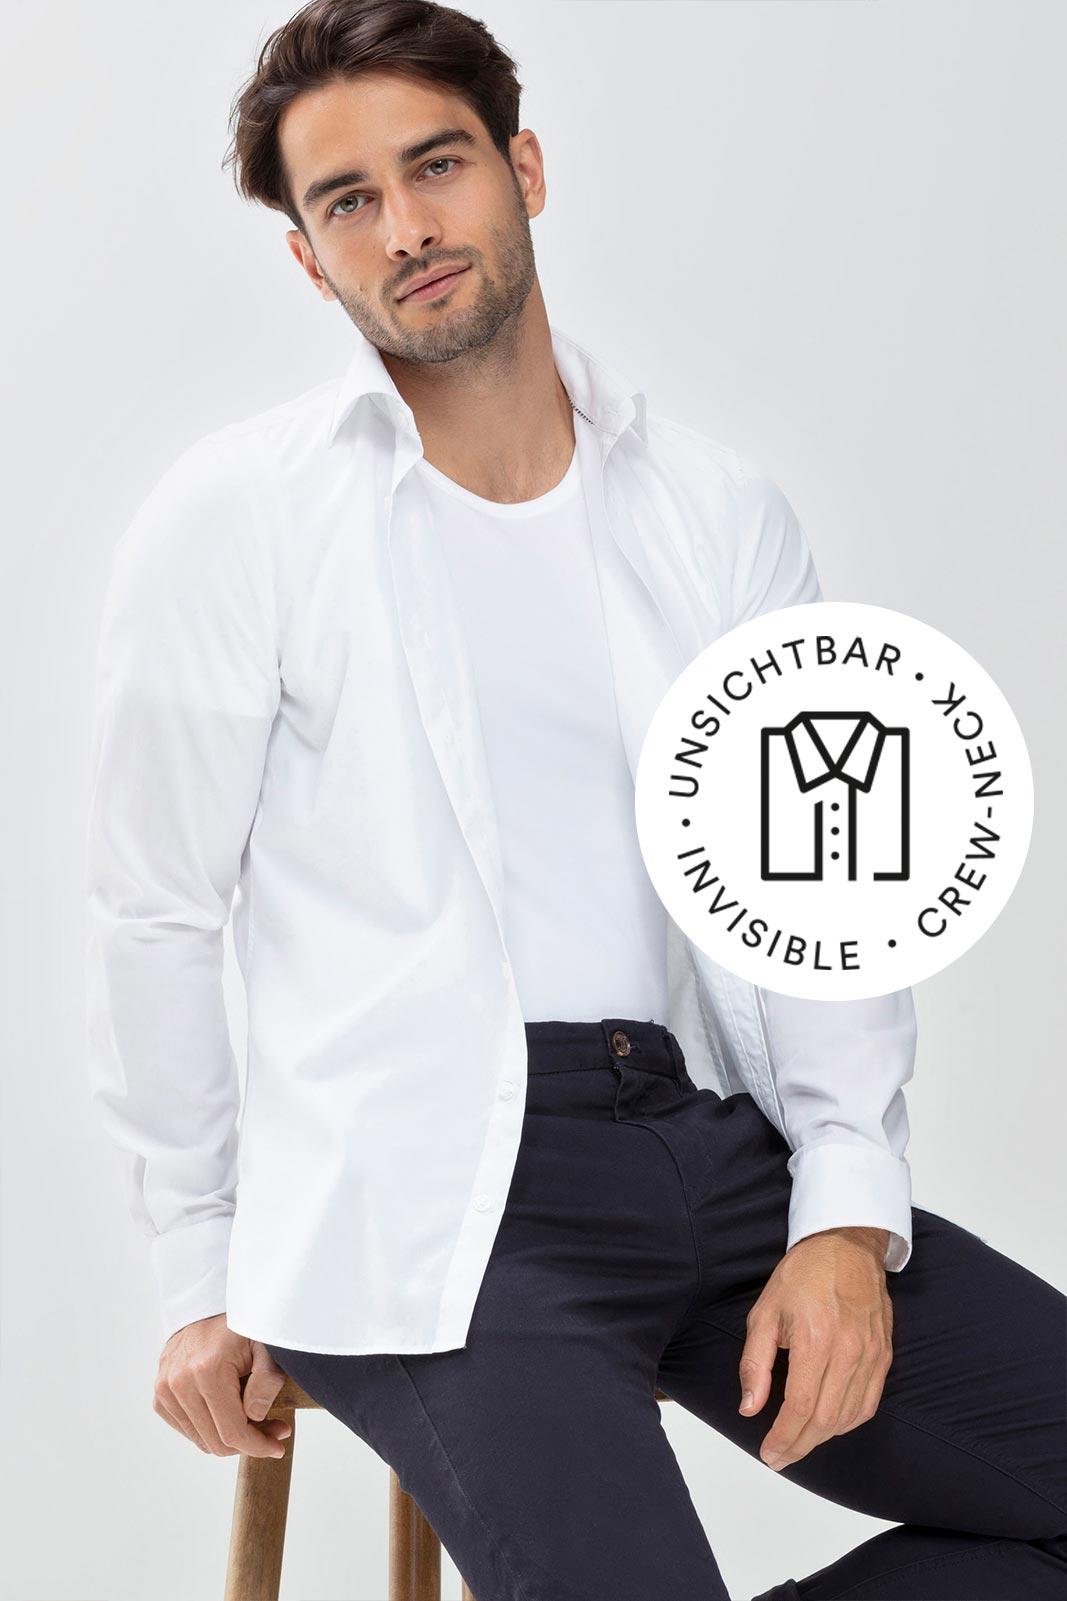 Mey® Serie Dry Cotton Functional, weißes Crew-Neck Shirt am Model mit weißem, geöffneten Hemd darüber, Icon unsichtbares Crew-Neck Shirt